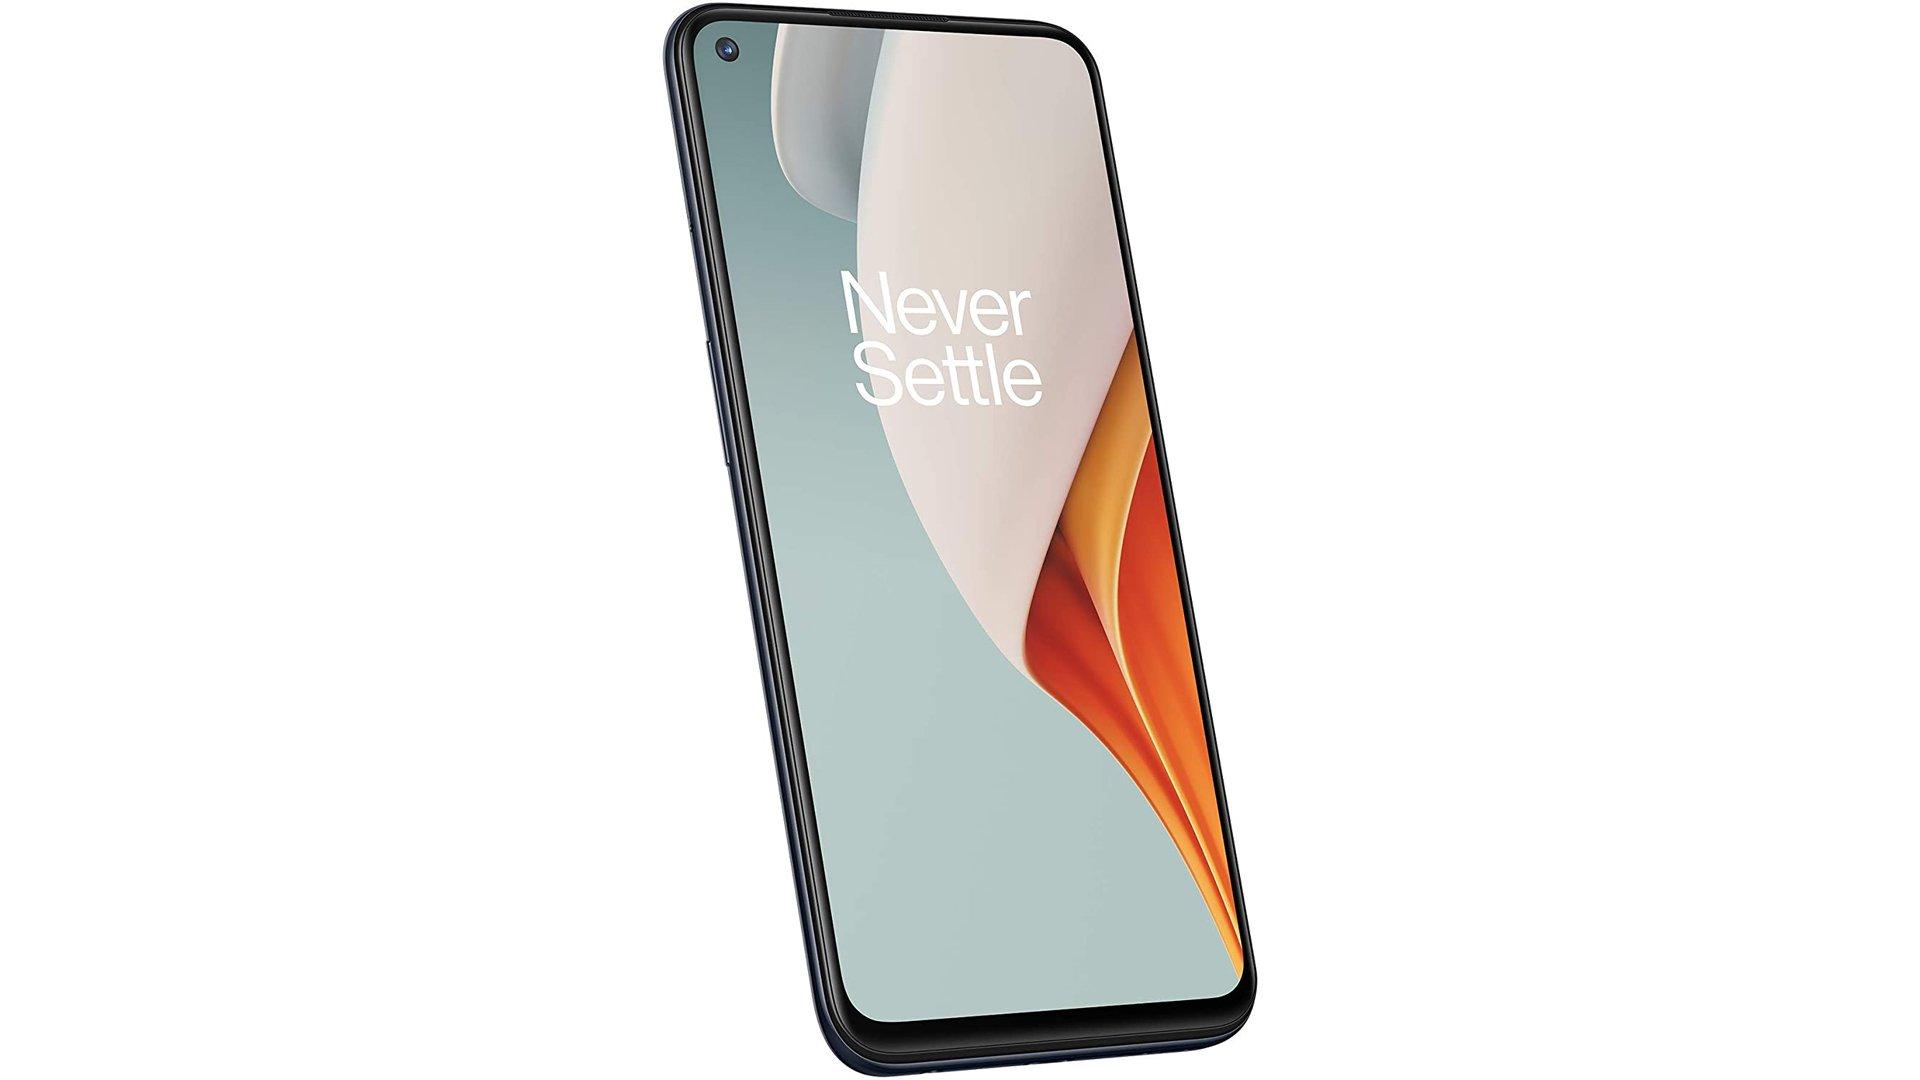 Le OnePlus Nord N100 est un smartphone entrée de gamme à ne pas négliger.